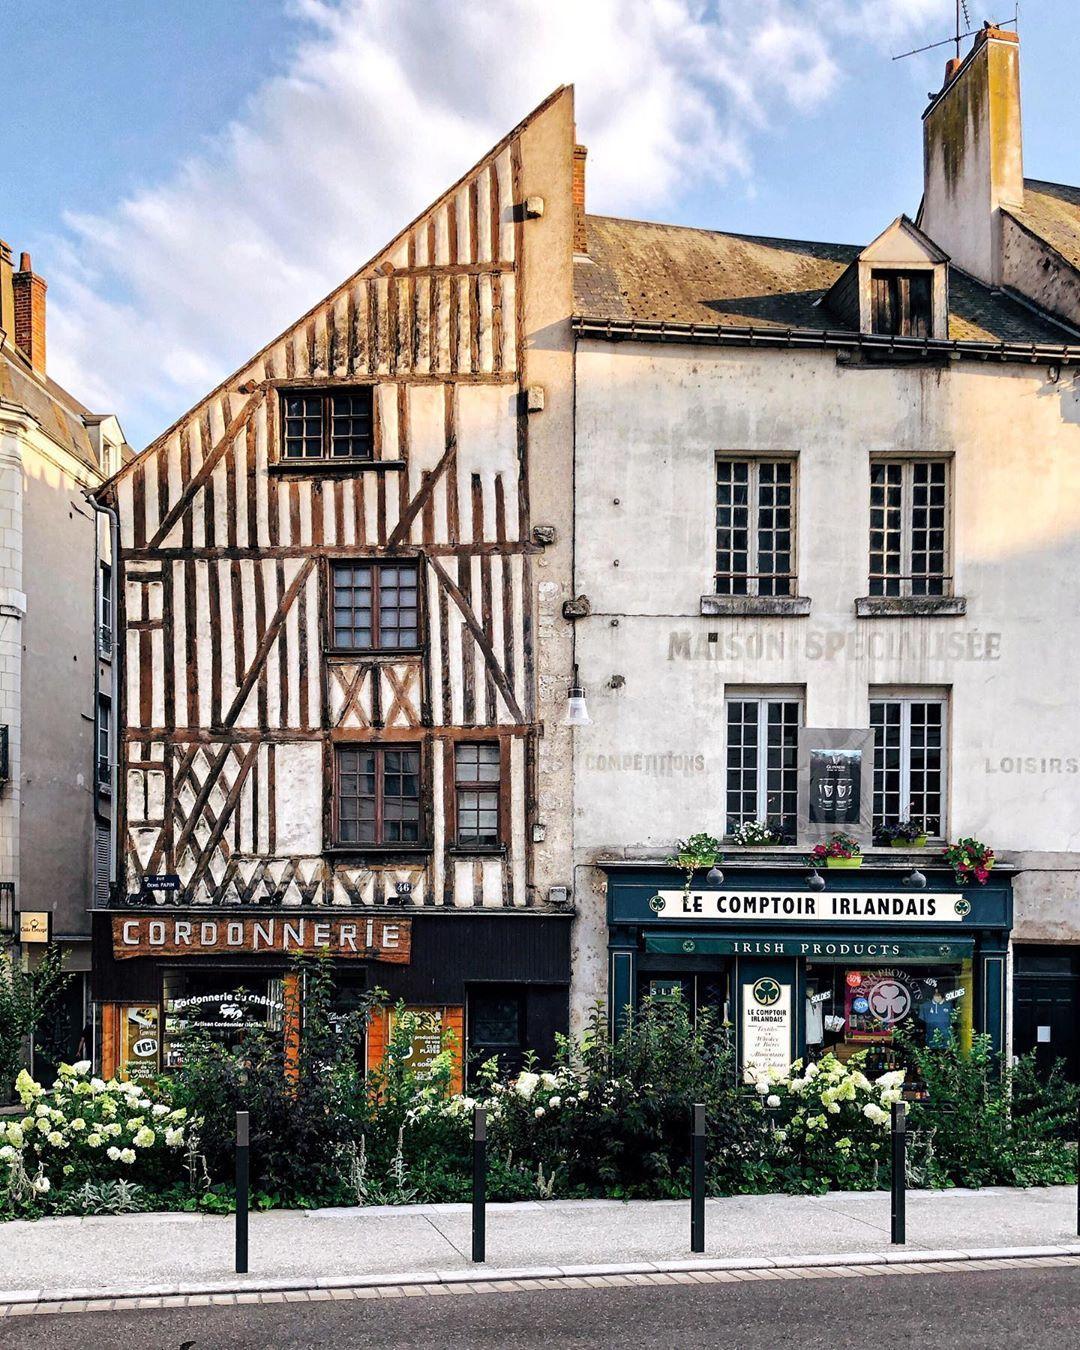 Rue Denis Papin Blois France Loir Et Cher Comptoir Irlandais Loisirs